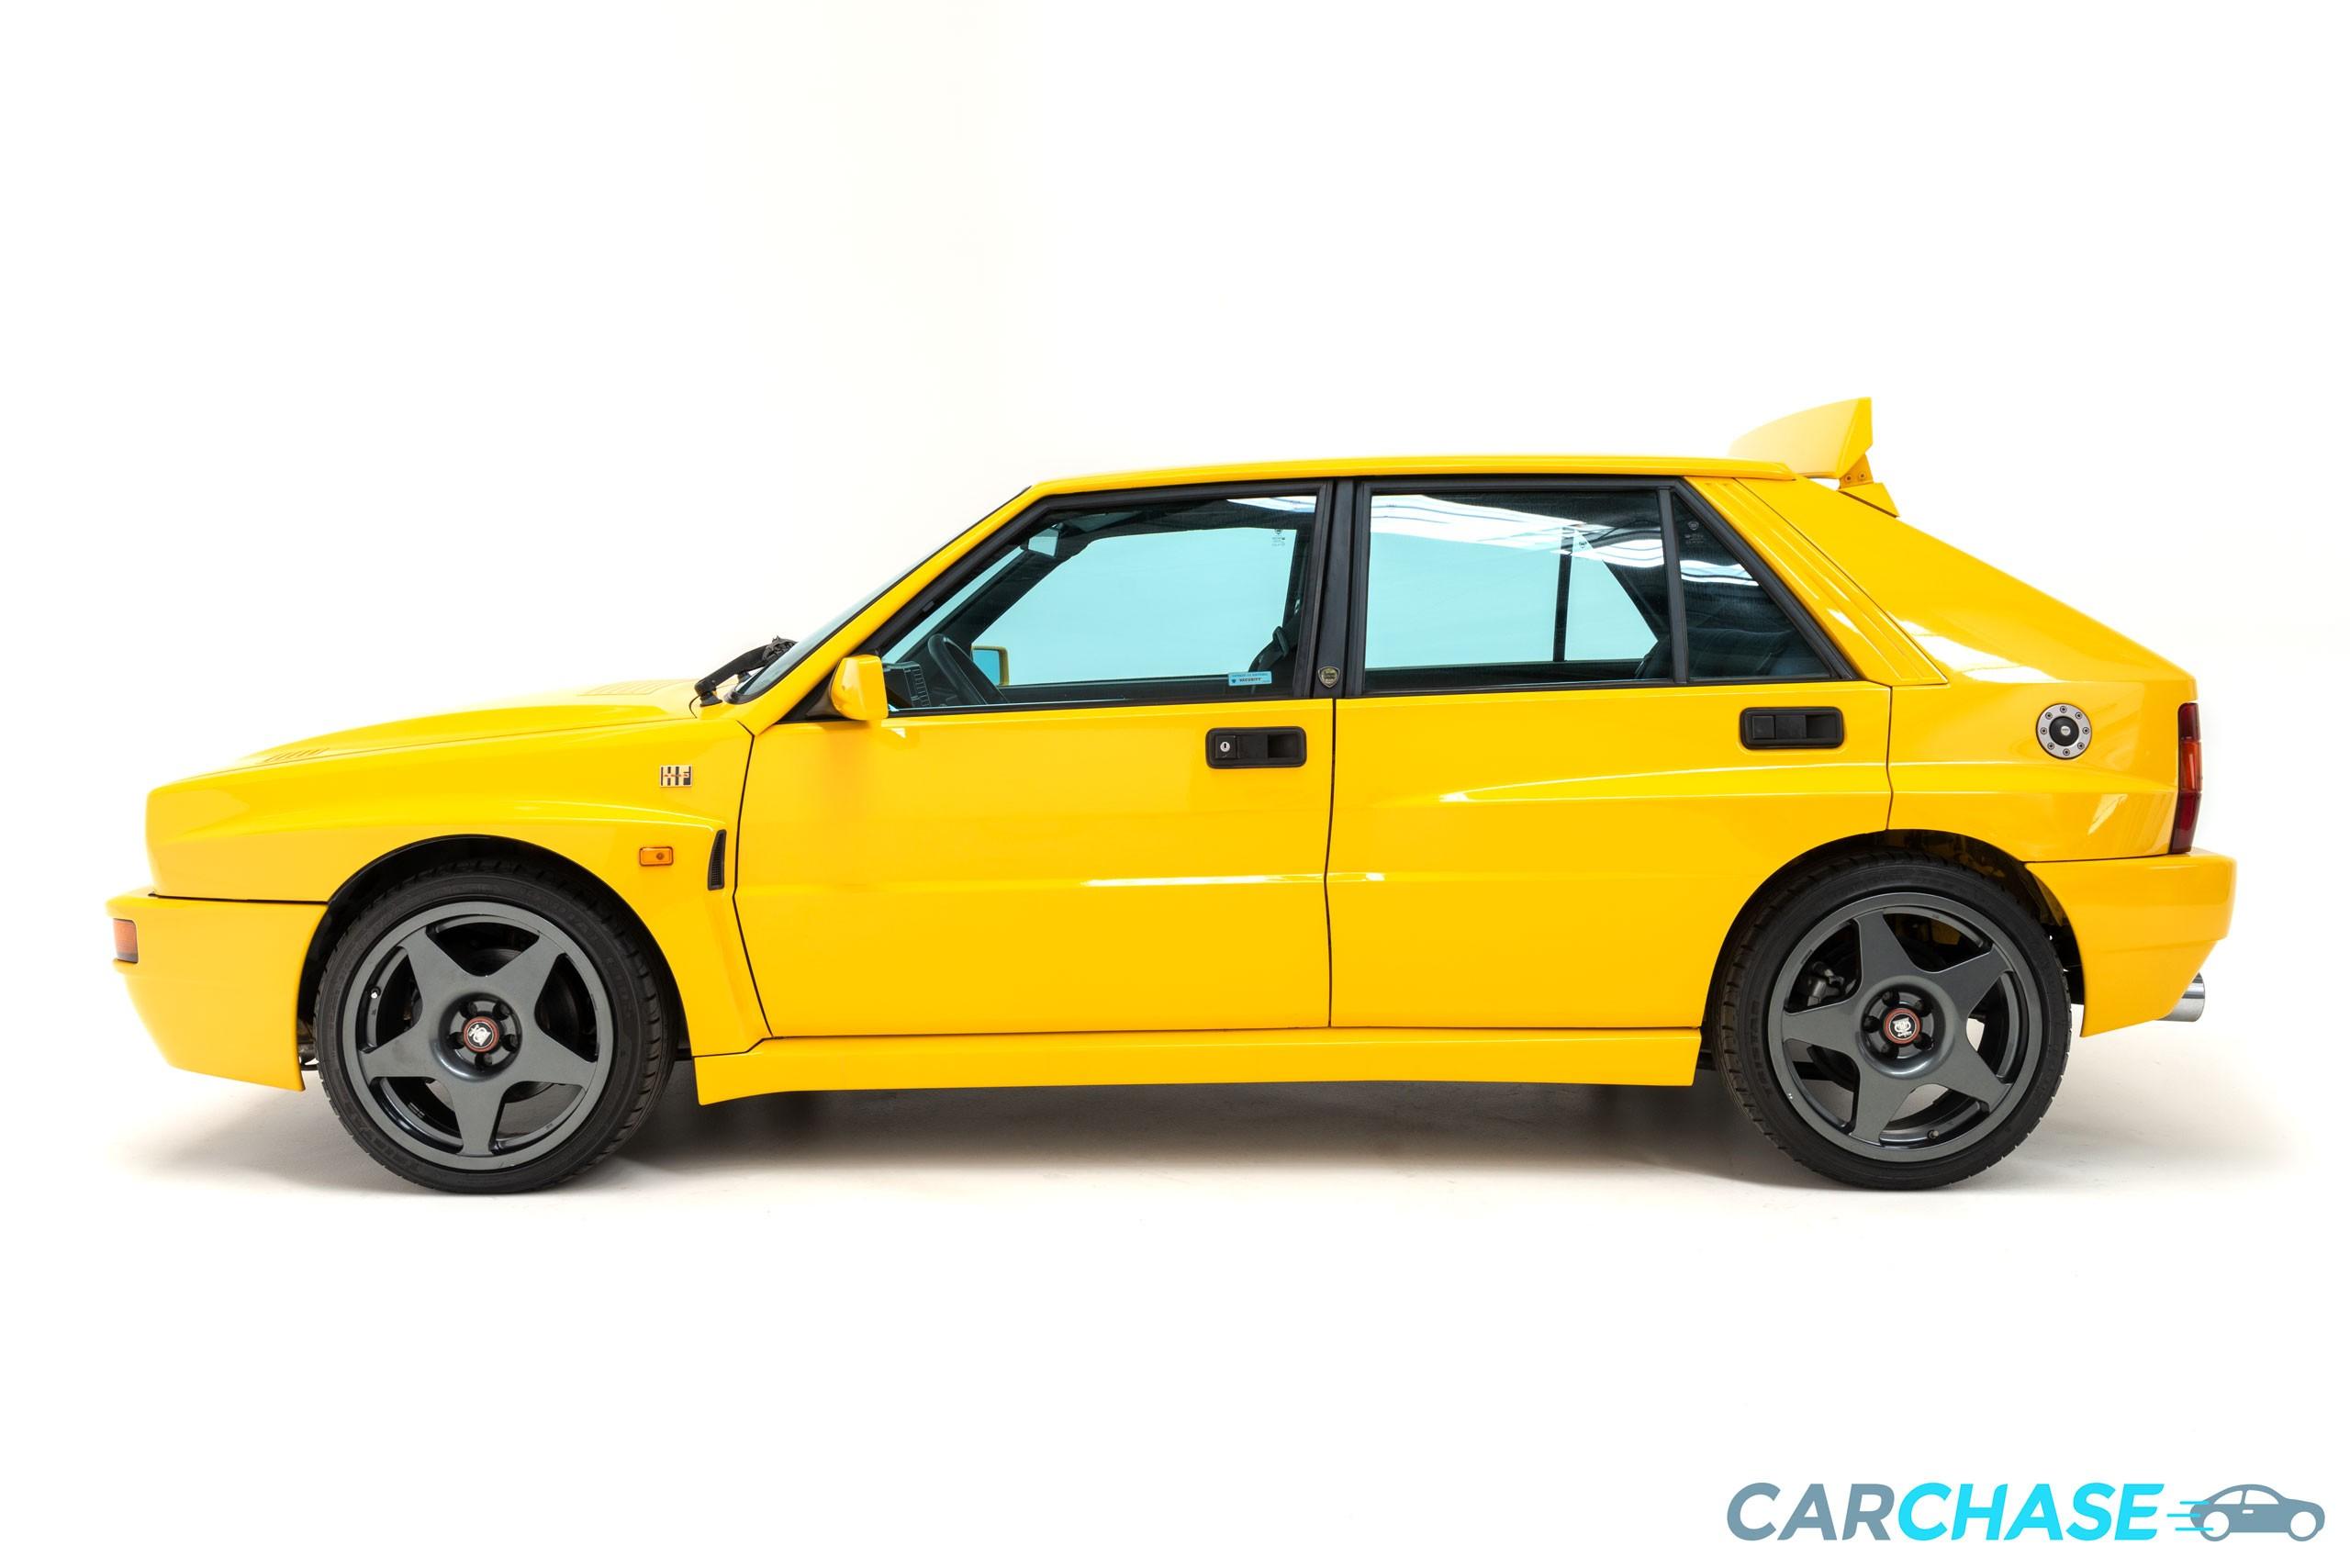 Image of left profile of 1993 Lancia Delta Integrale Evo 2 Giallo Ginestra